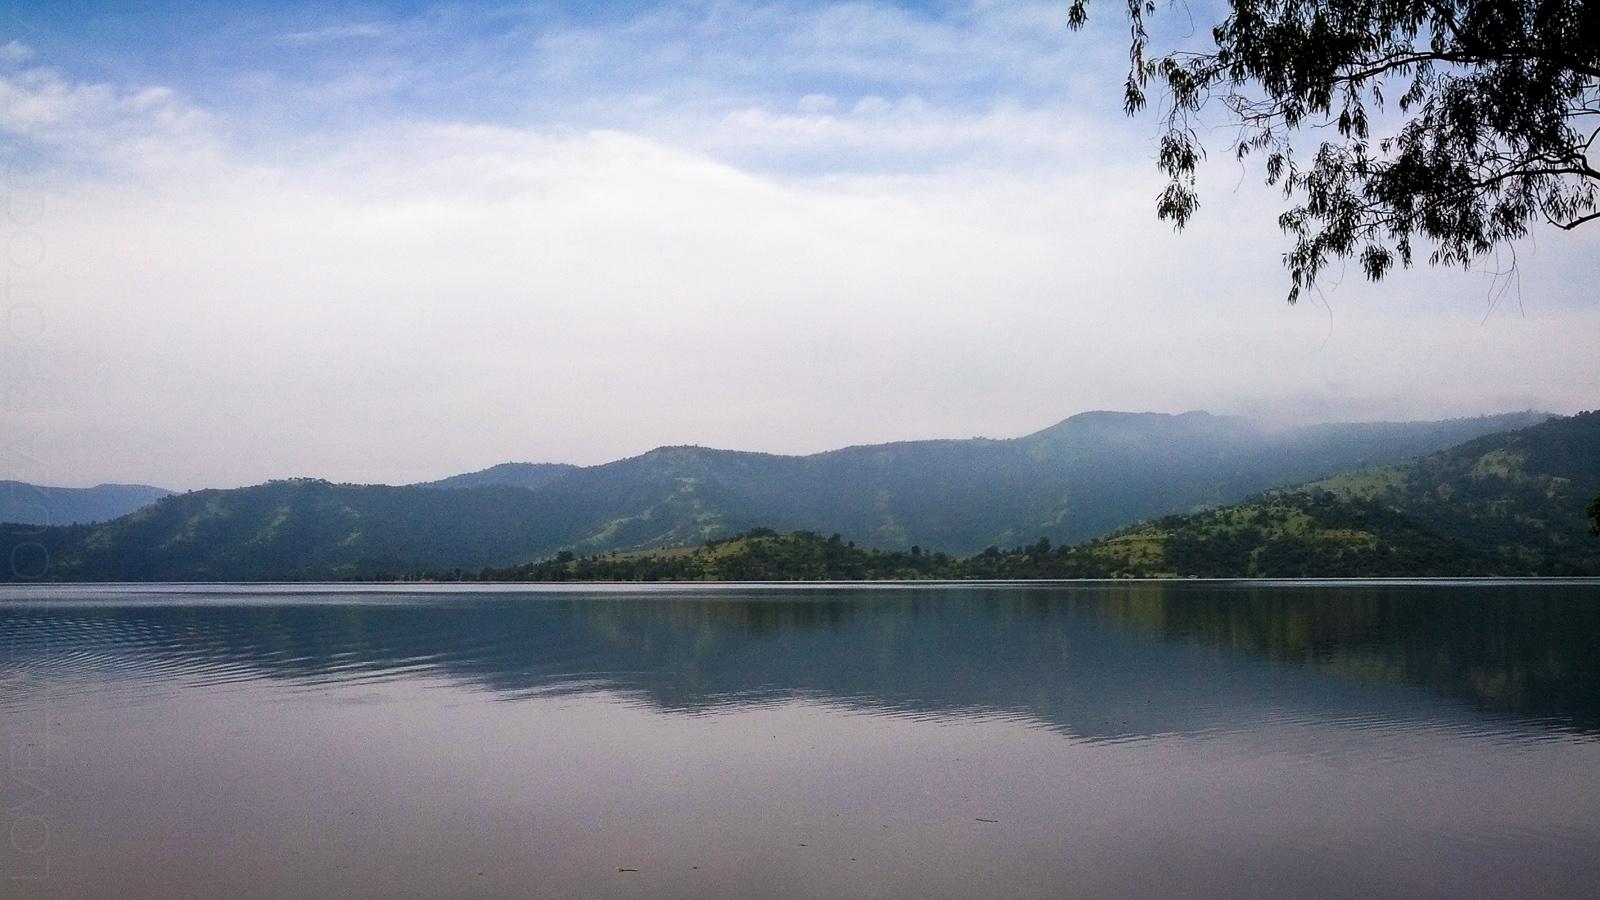 Morning view of the lake at Bamnoli